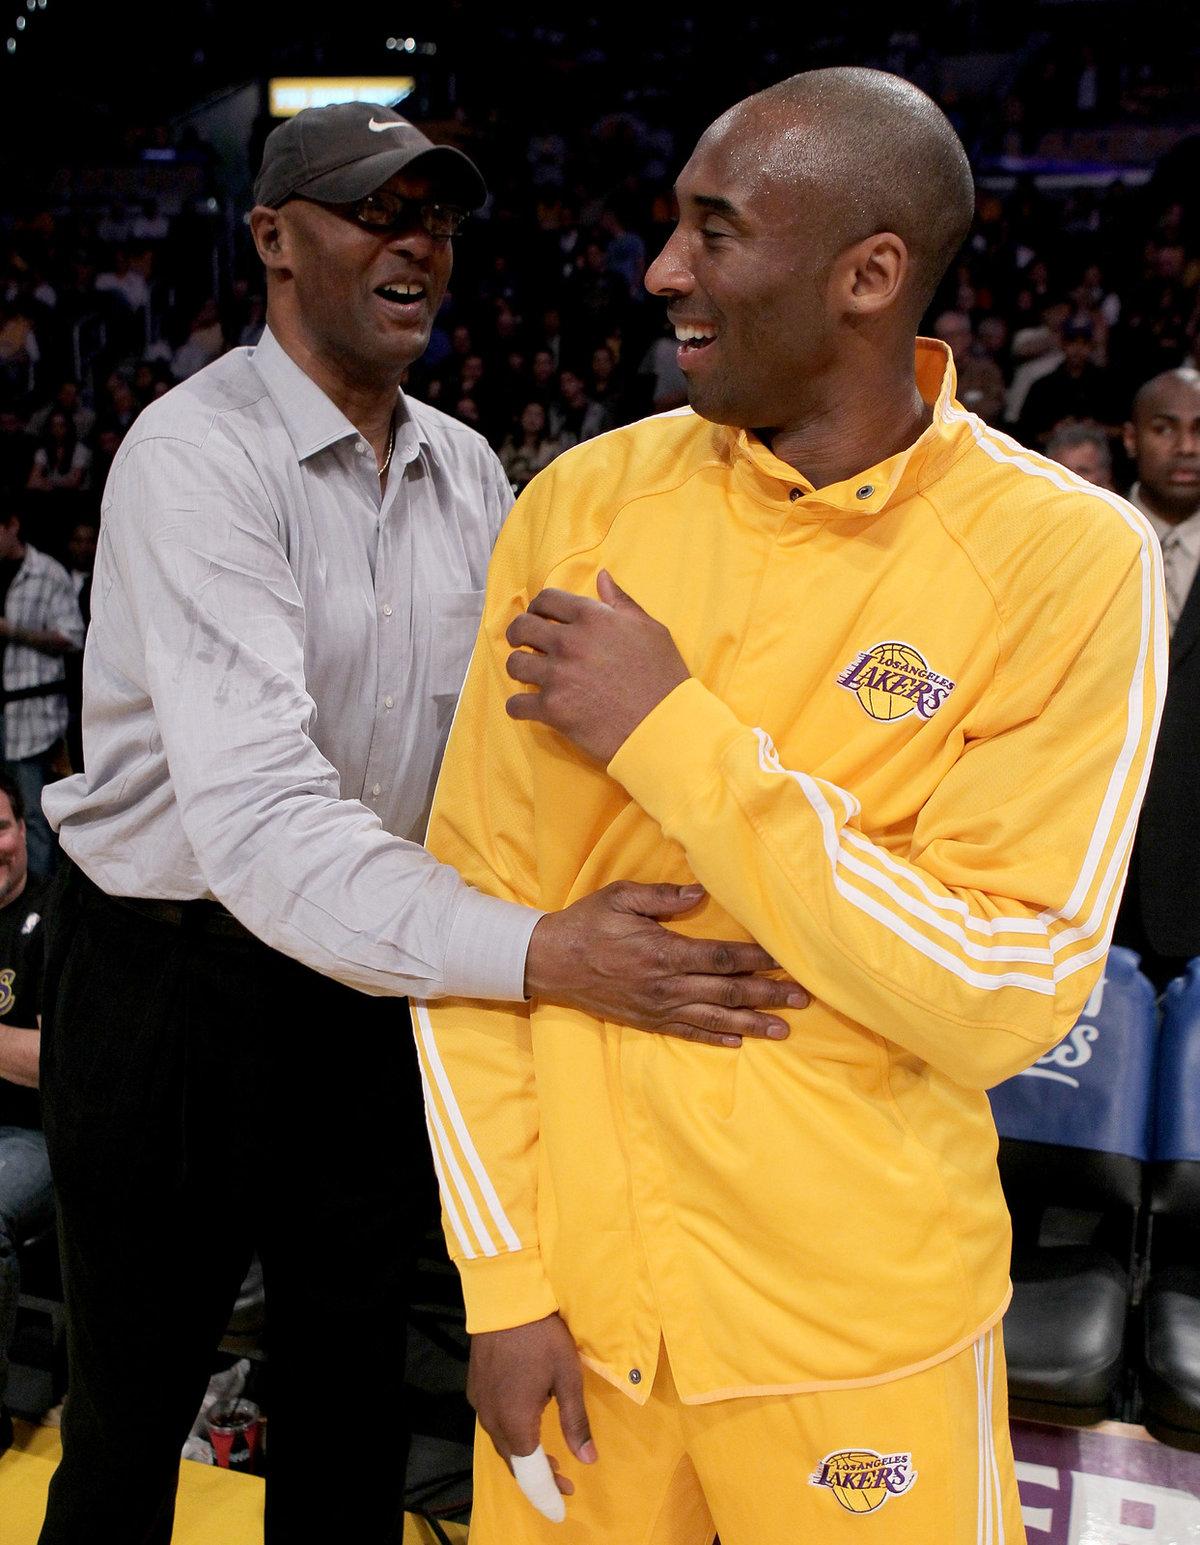 Finále NBA v roce 2010 si rodiče Kobeho Bryanta nemohli nechat ujít, vstupenky jim ale místo syna zařizoval známý